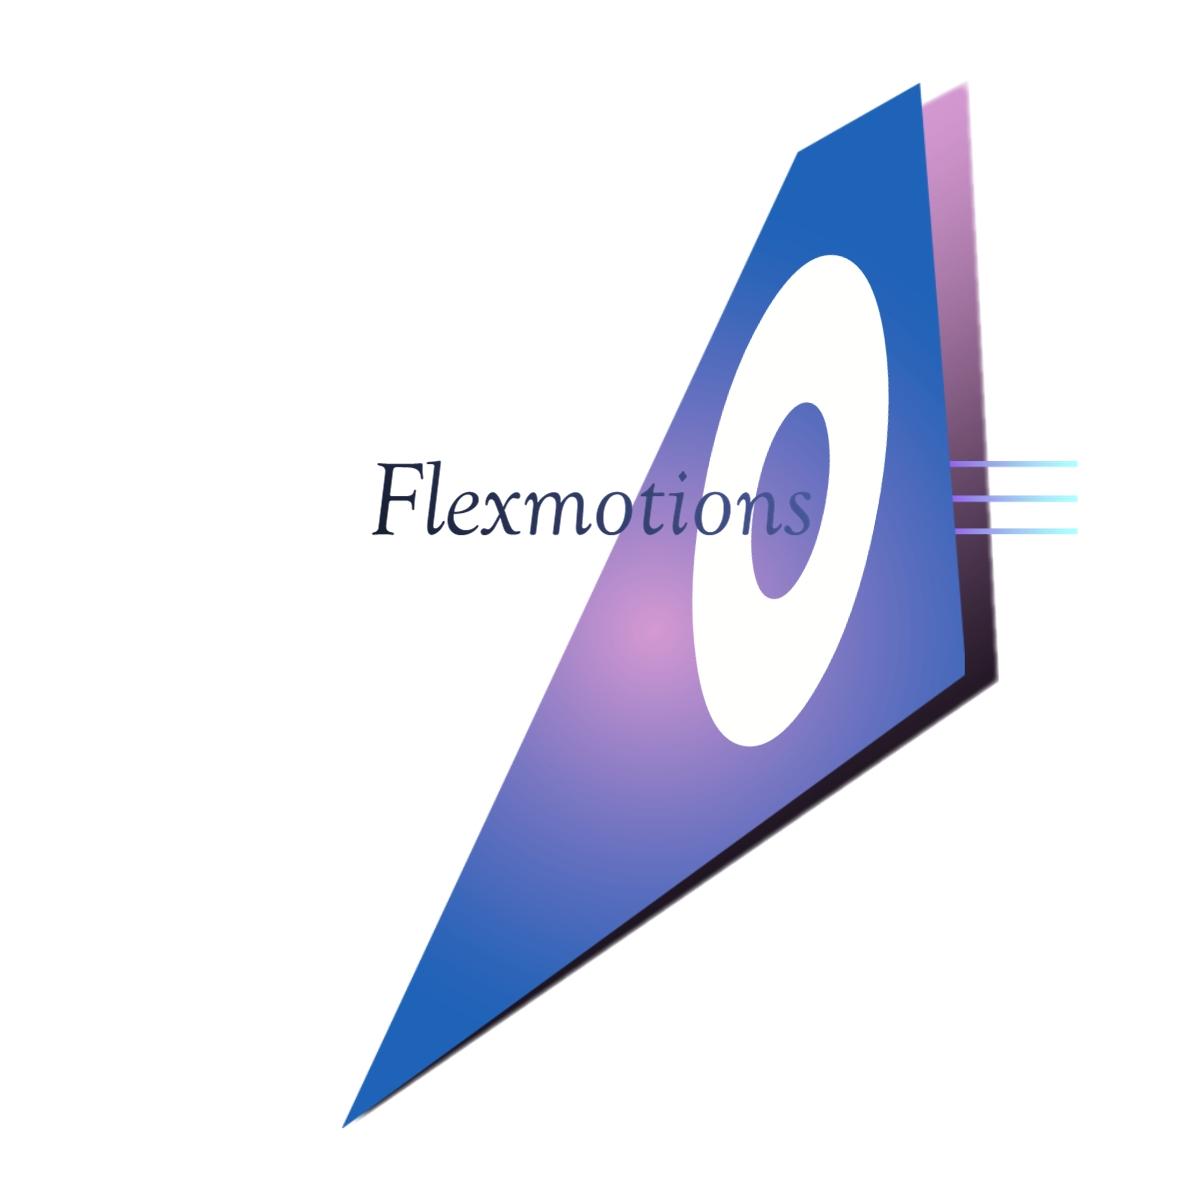 flexmotions.com